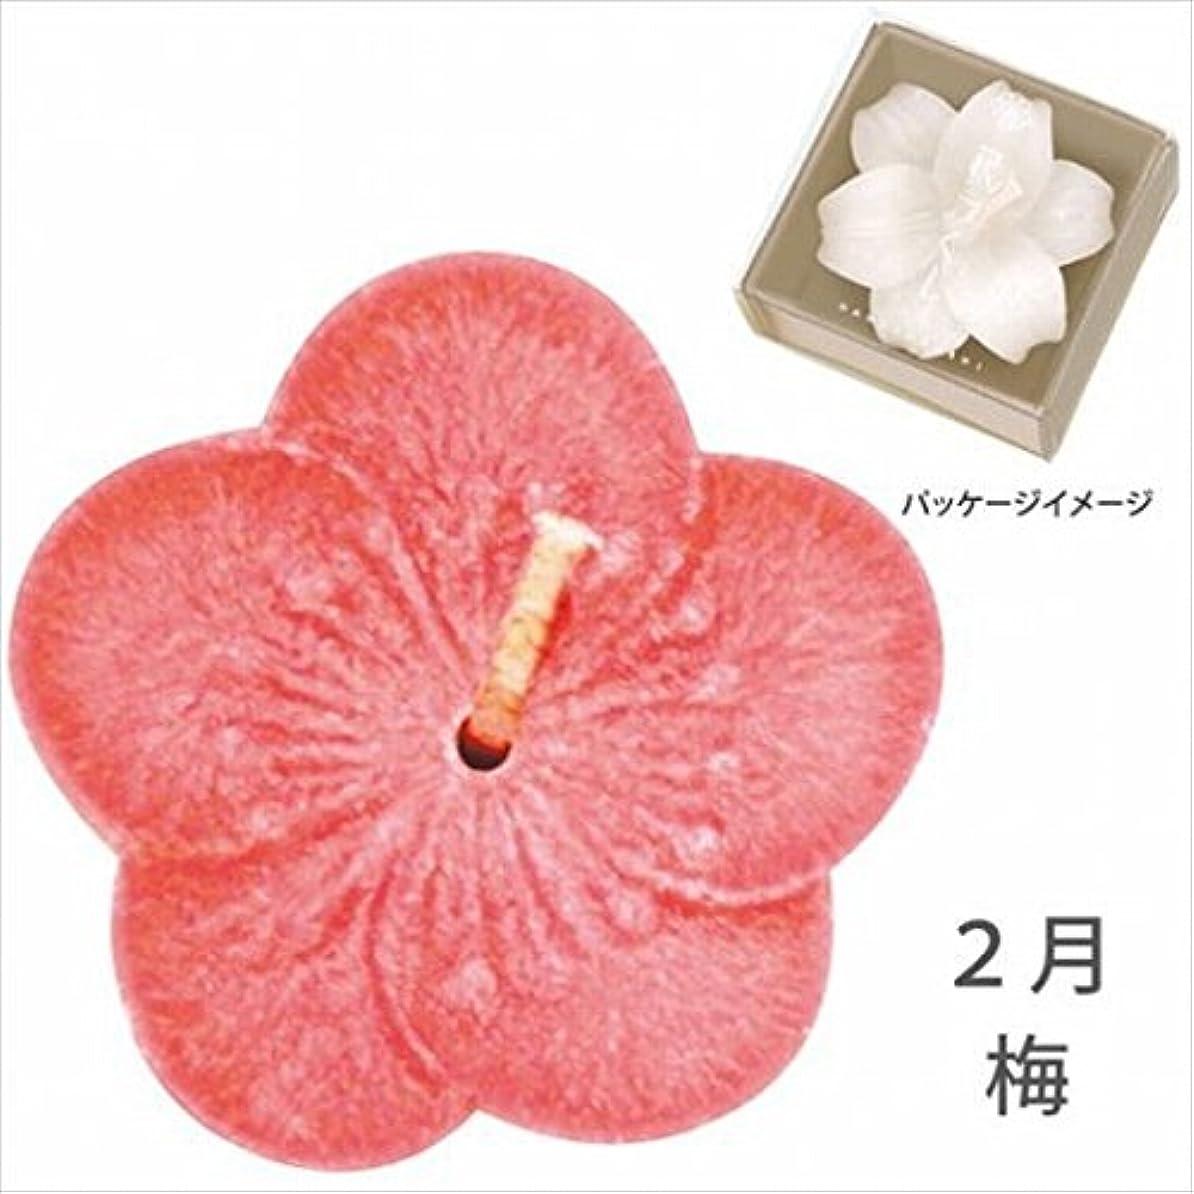 貢献同行結婚したカメヤマキャンドル( kameyama candle ) 花づくし(植物性) 梅 「 梅(2月) 」 キャンドル